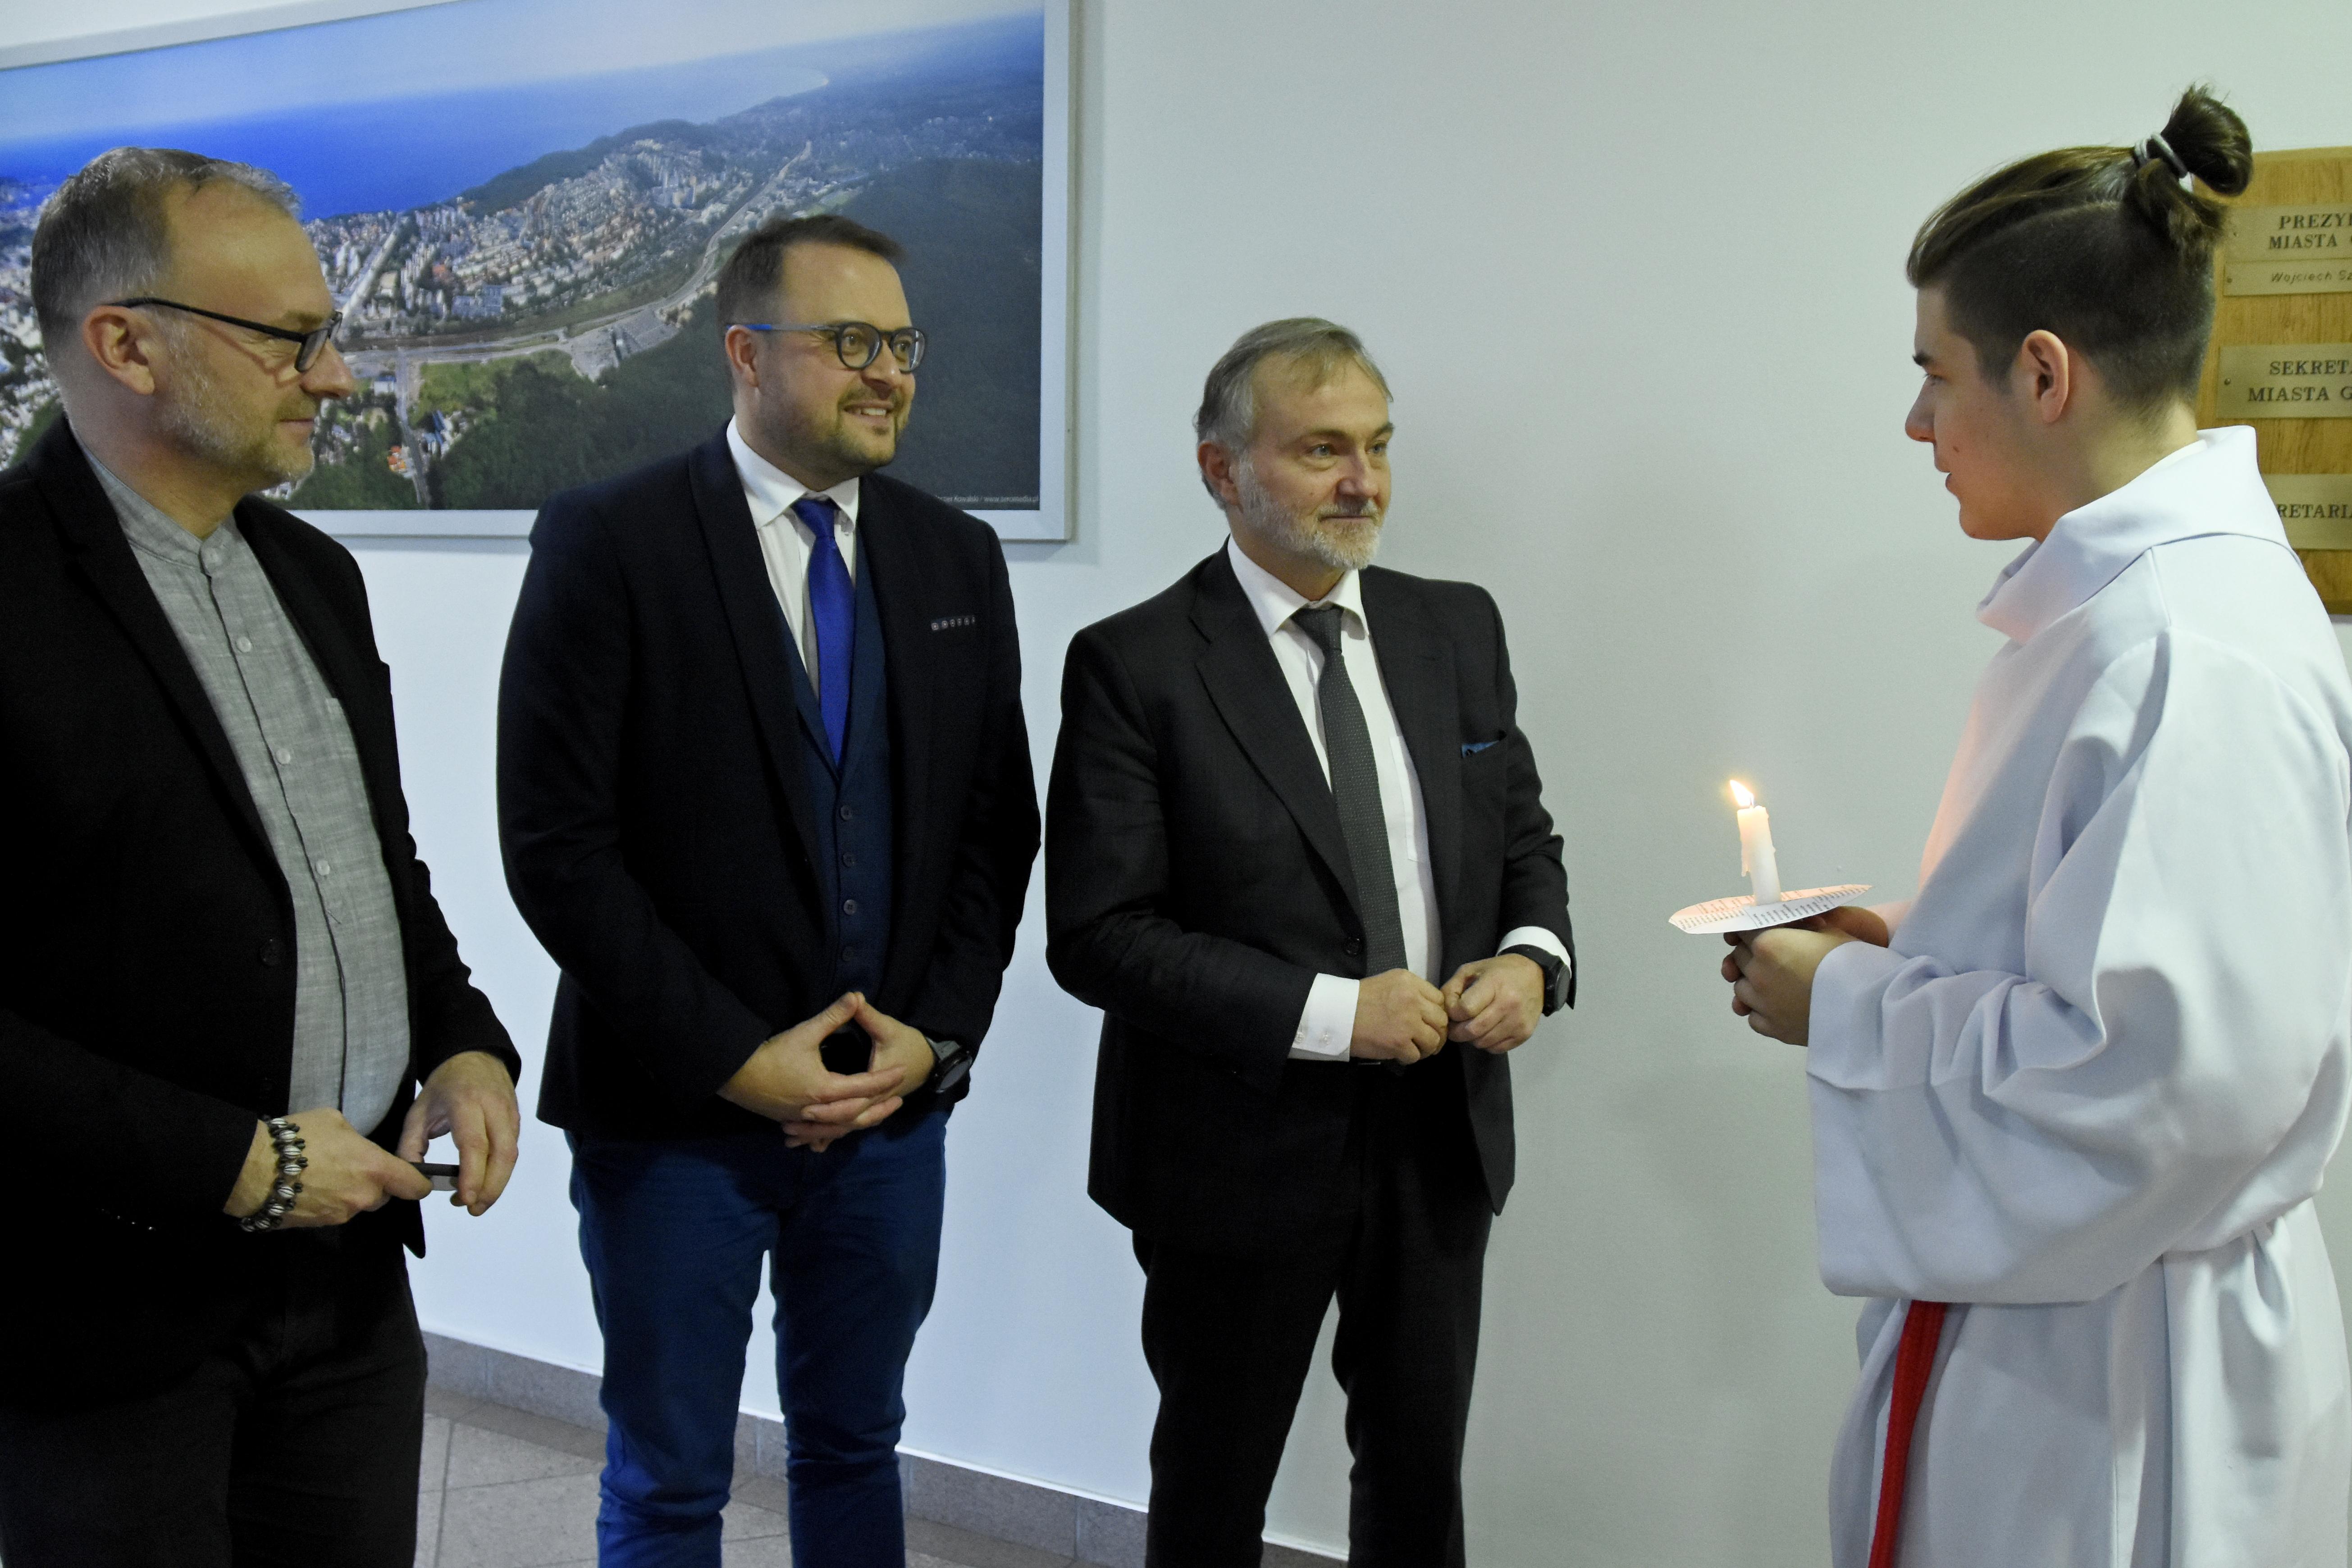 Od lewej: Michał Guć, wiceprezydent Gdyni ds. innowacji, Marek Łucyk, wiceprezydent Gdyni ds. rozwoju, Wojciech Szczurek, prezydent Gdyni i członek orszaku św. Łucji, fot. Jan Ziarnicki.